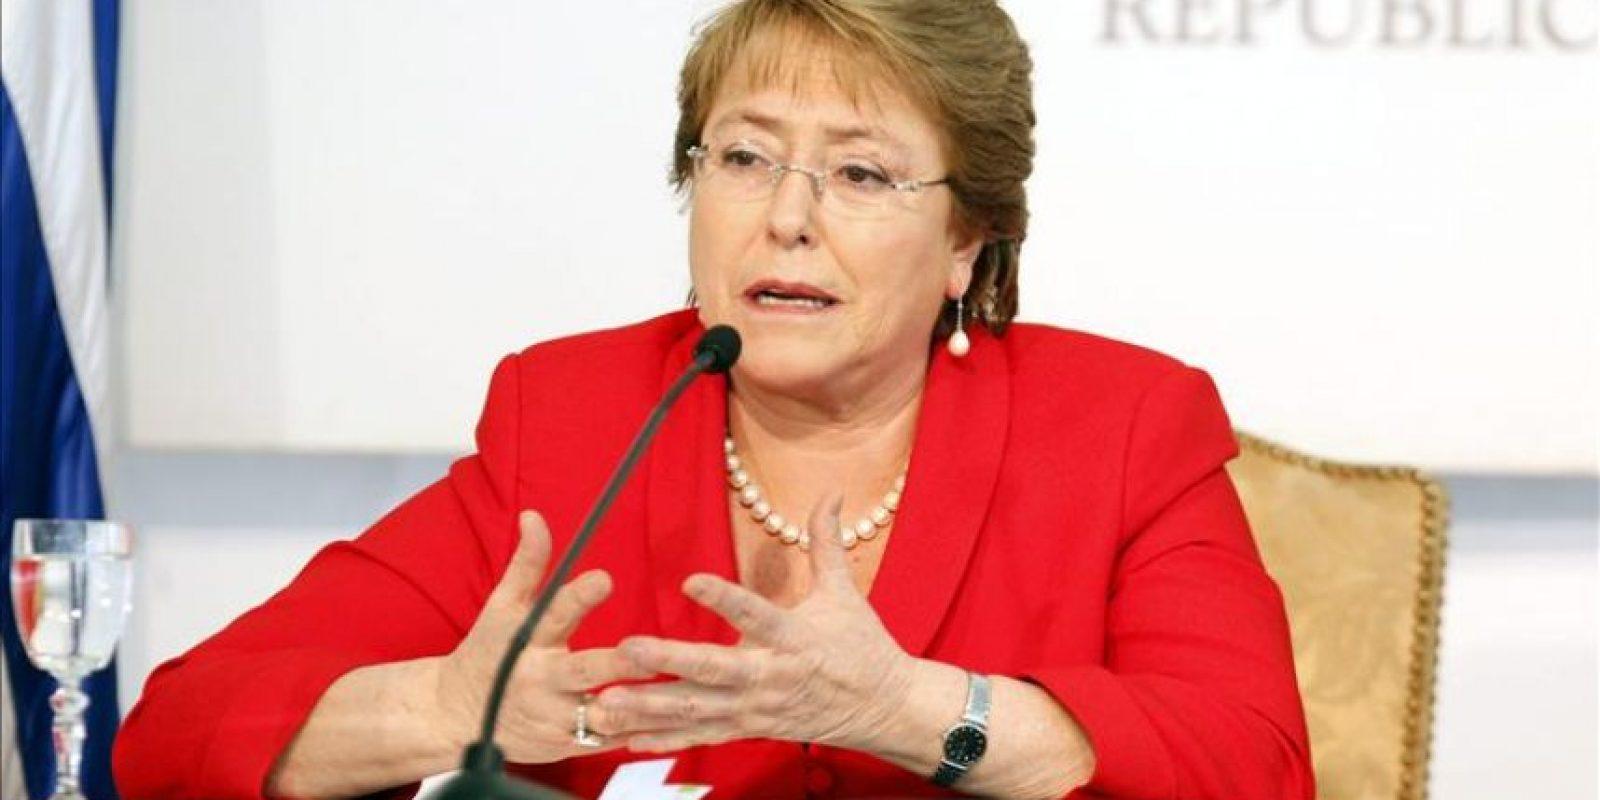 La presidenta de Chile, Michelle Bachelet, habla en una rueda de prensa, en la Residencia Presidencial en Montevideo (Uruguay). EFE/Archivo